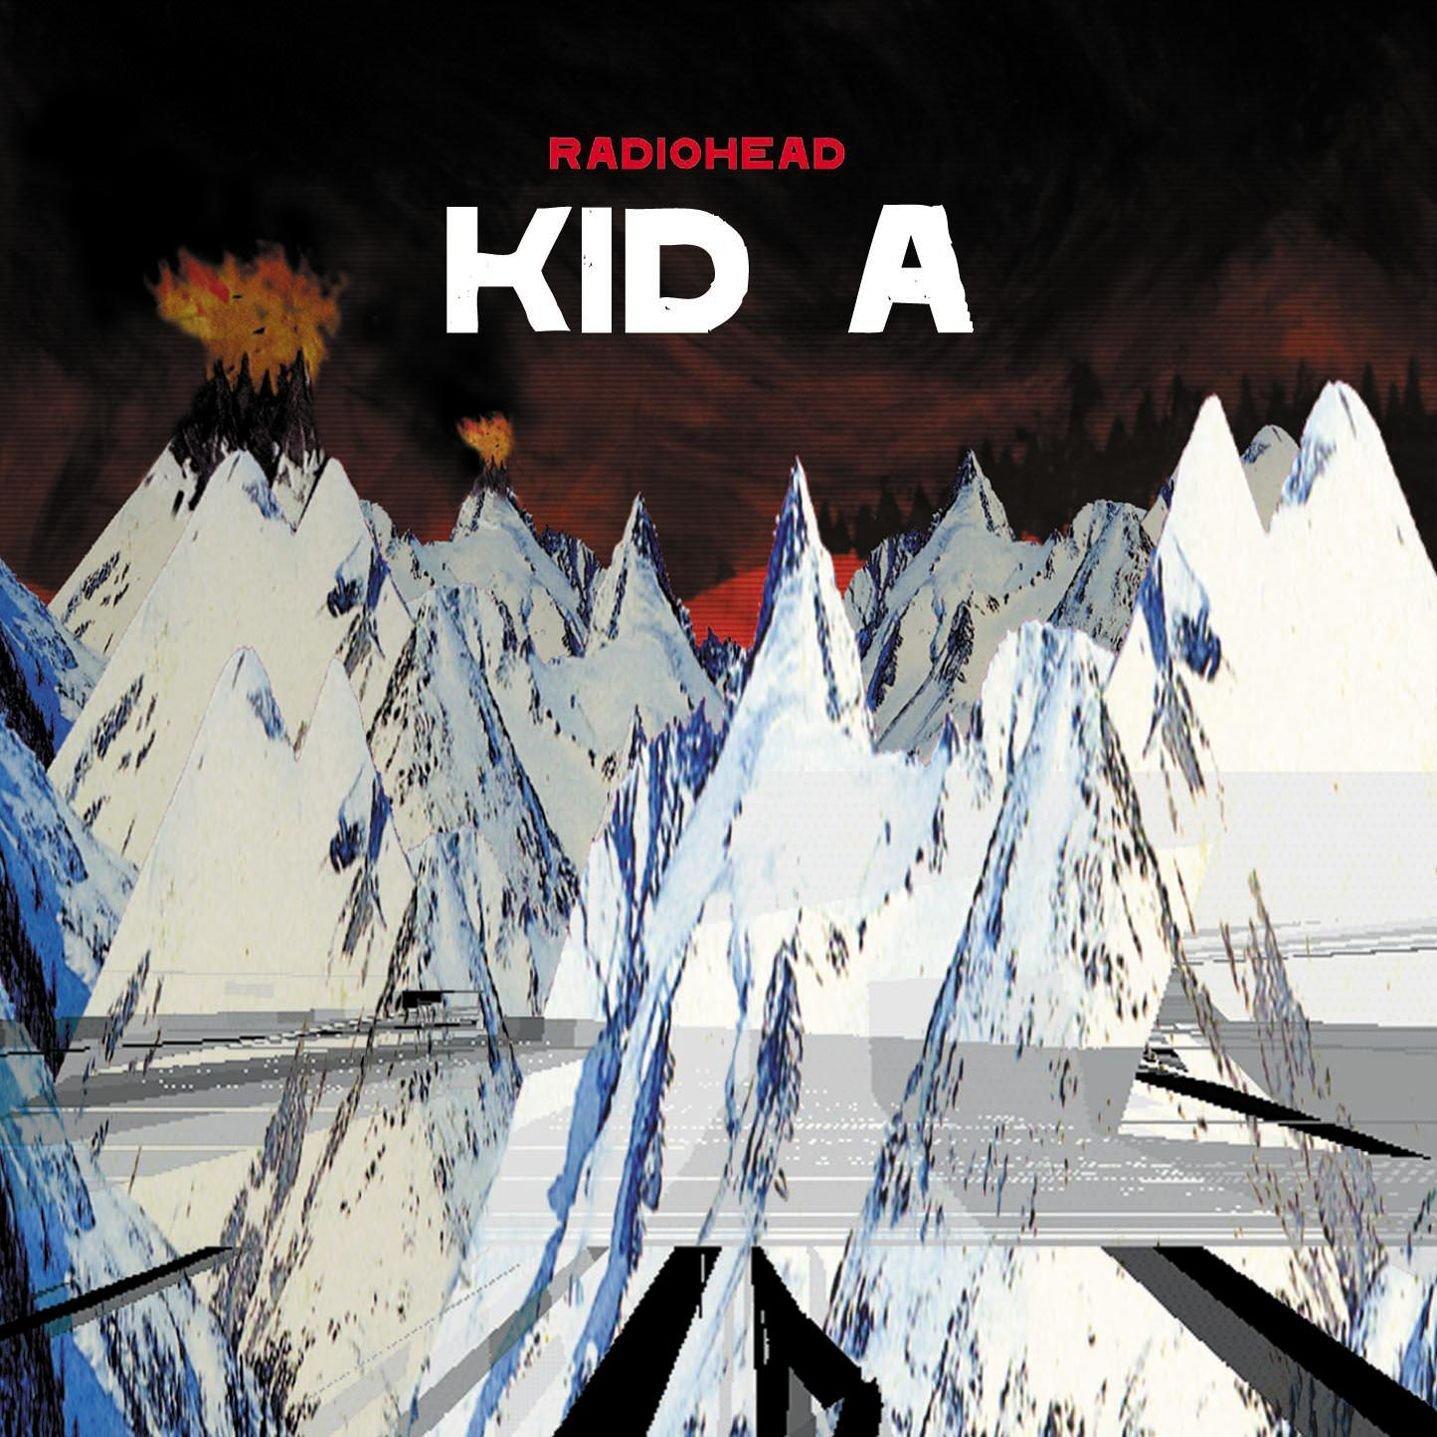 RadioheadВиниловые пластинки<br>Виниловая пластинка<br>